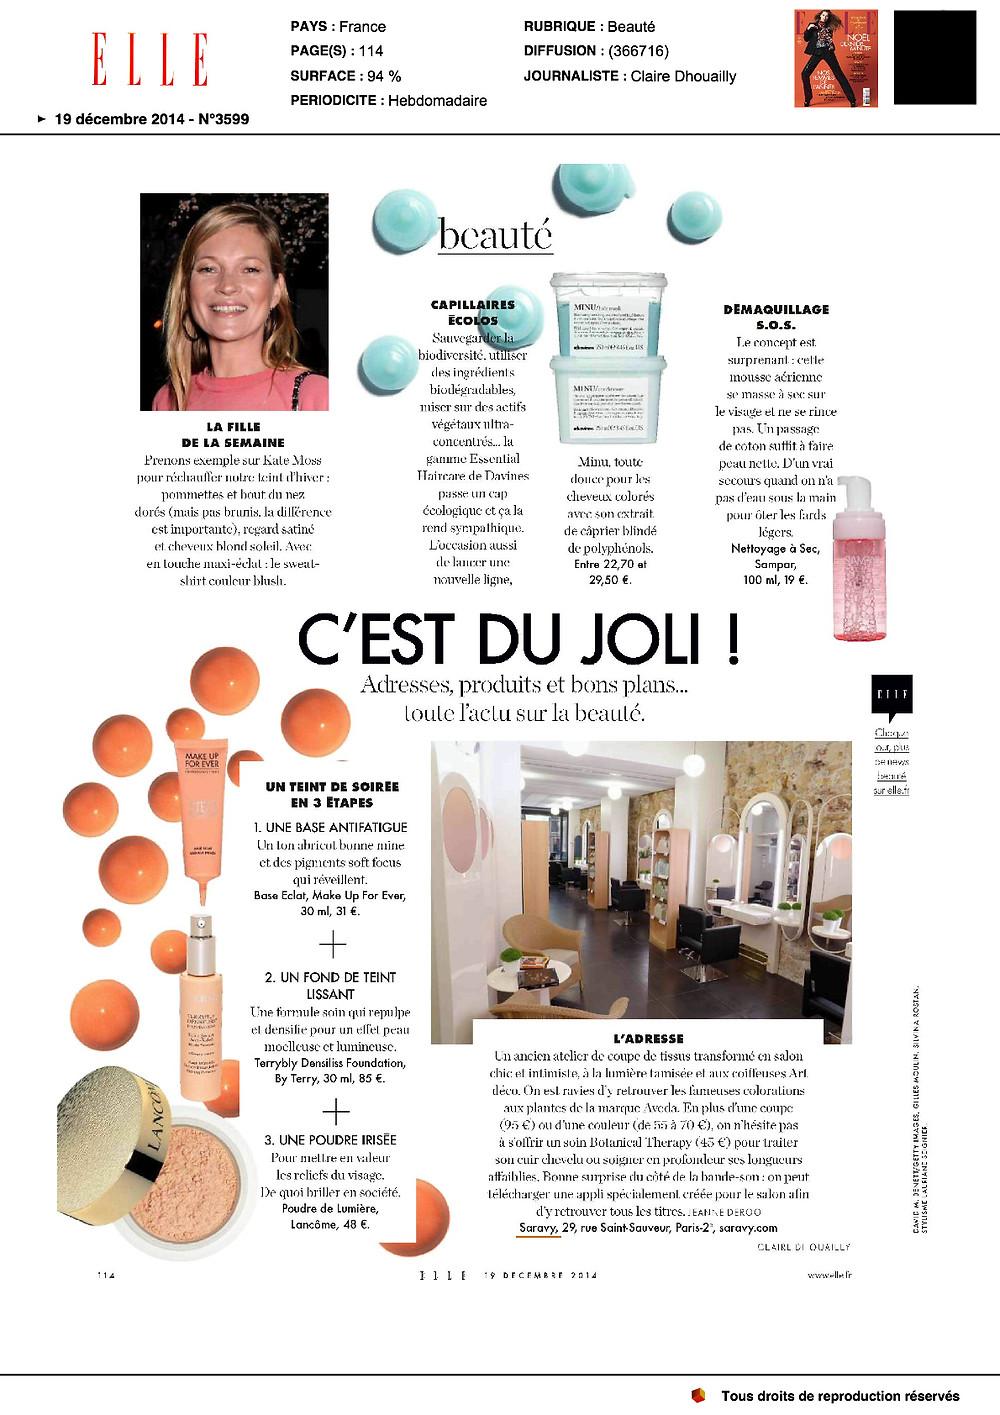 Article Saravy dans ELLE magazine